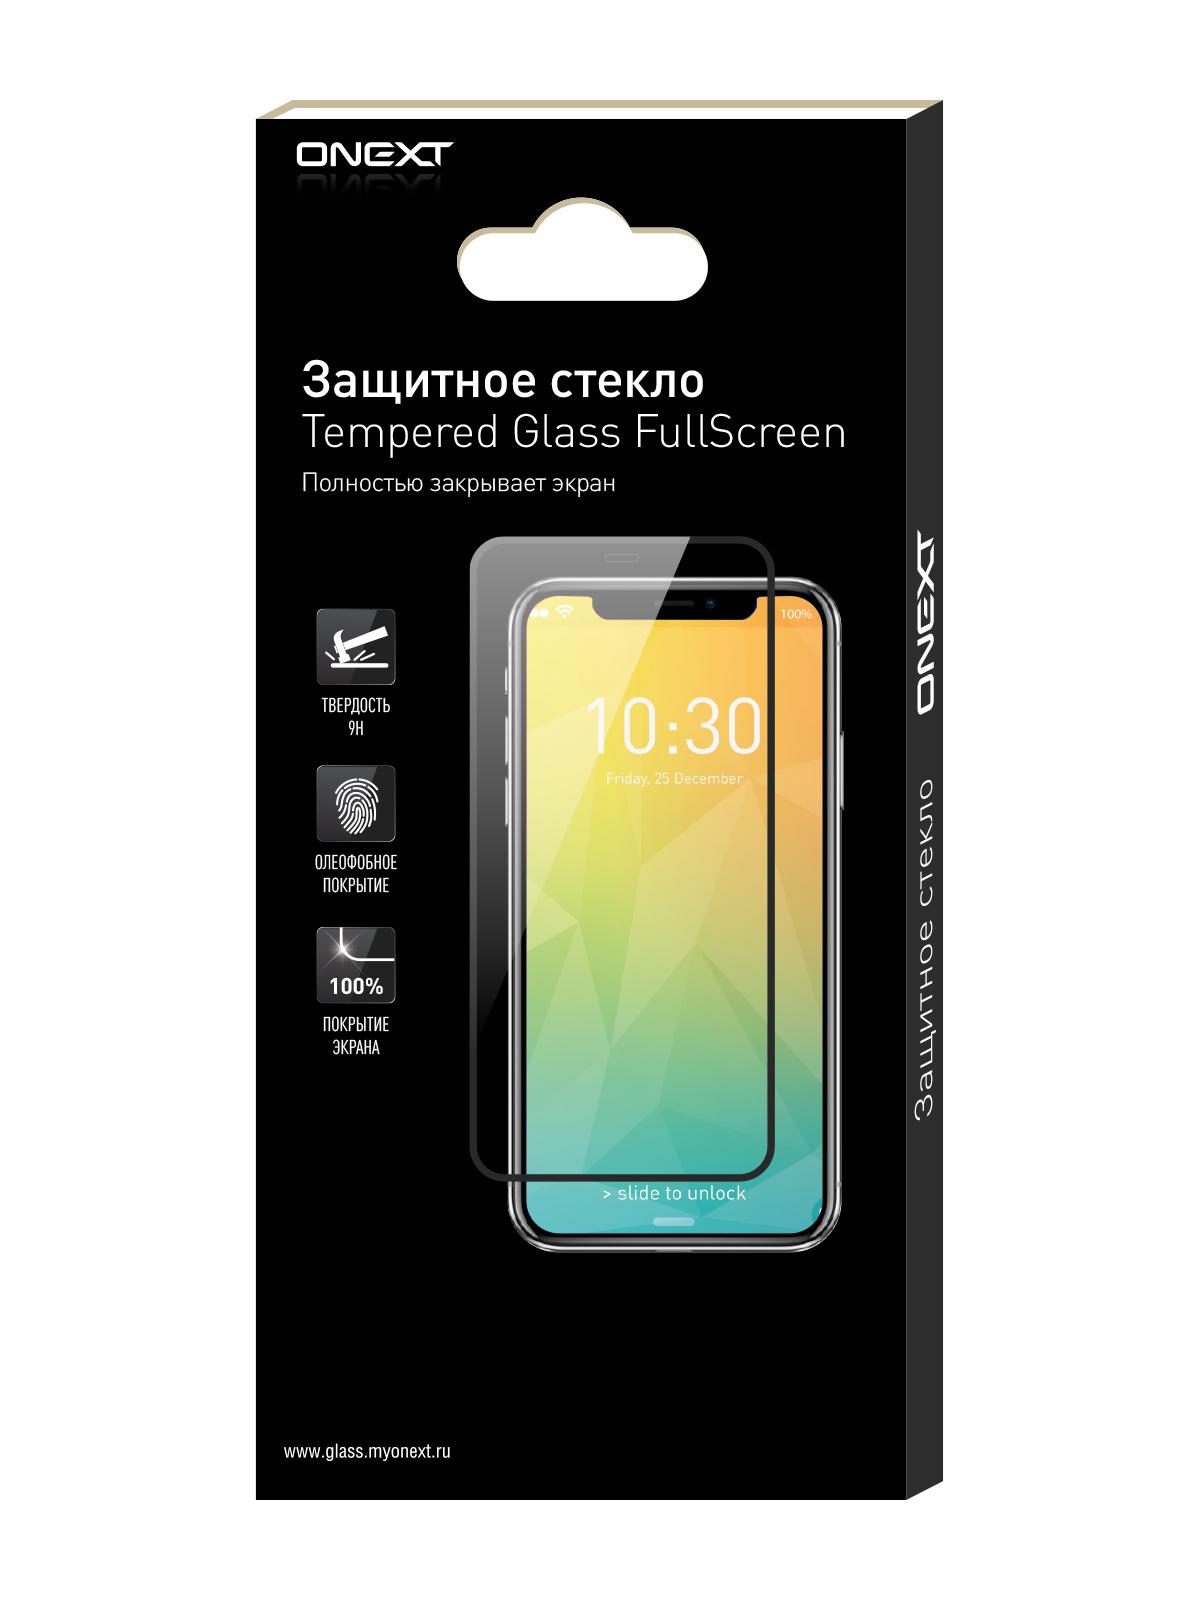 Защитное стекло ONEXT для Huawei P10 Plus Gold